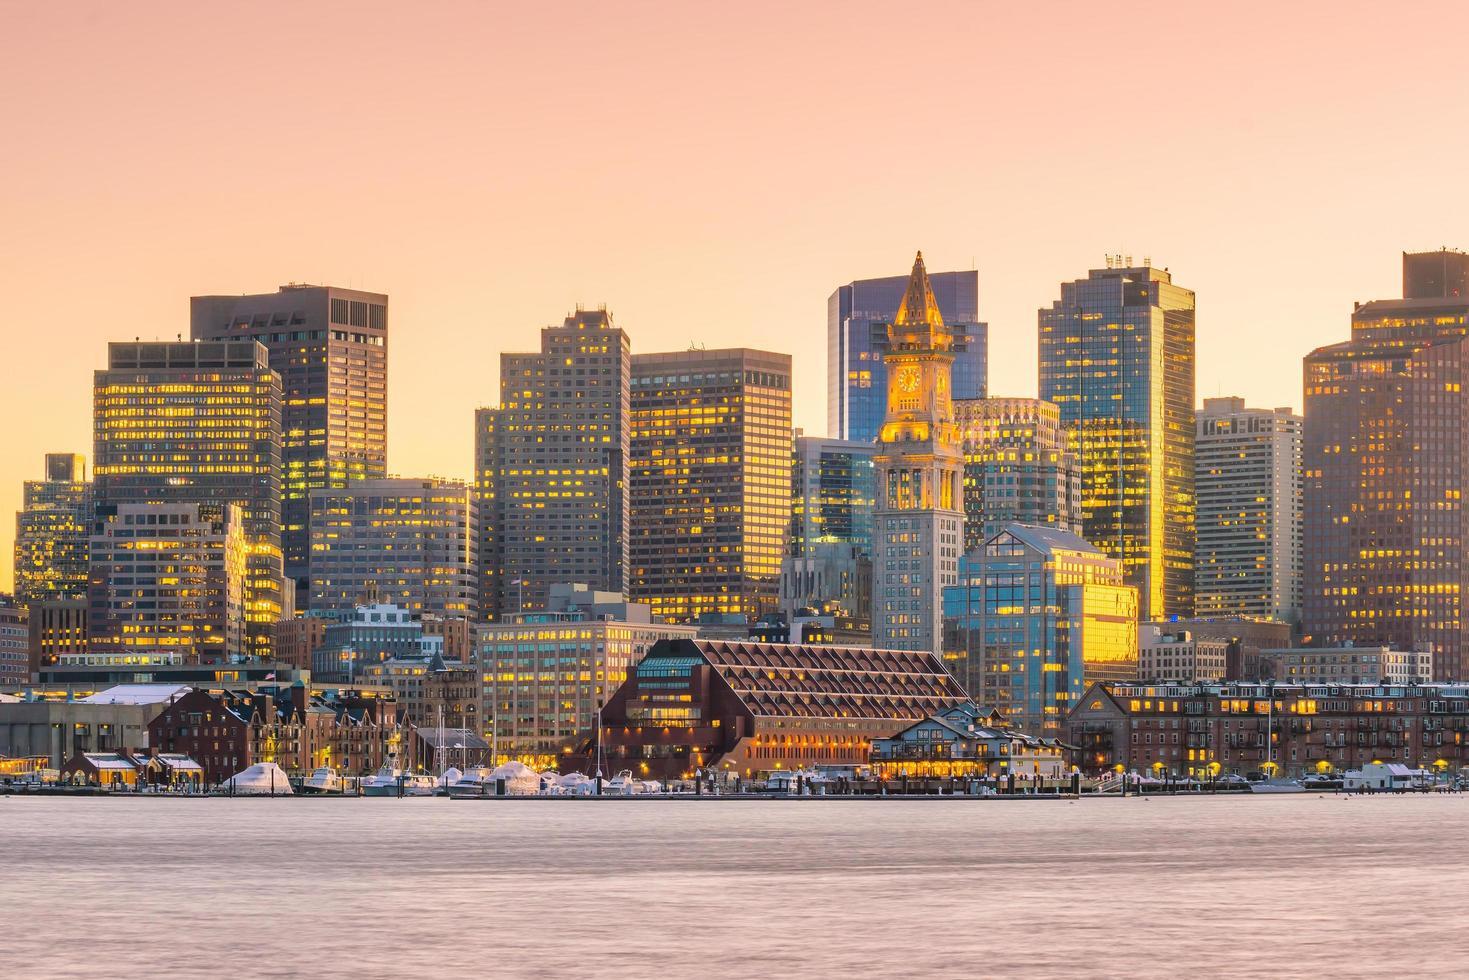 Panoramablick auf die Skyline von Boston mit Wolkenkratzern in der Dämmerung in den Vereinigten Staaten foto